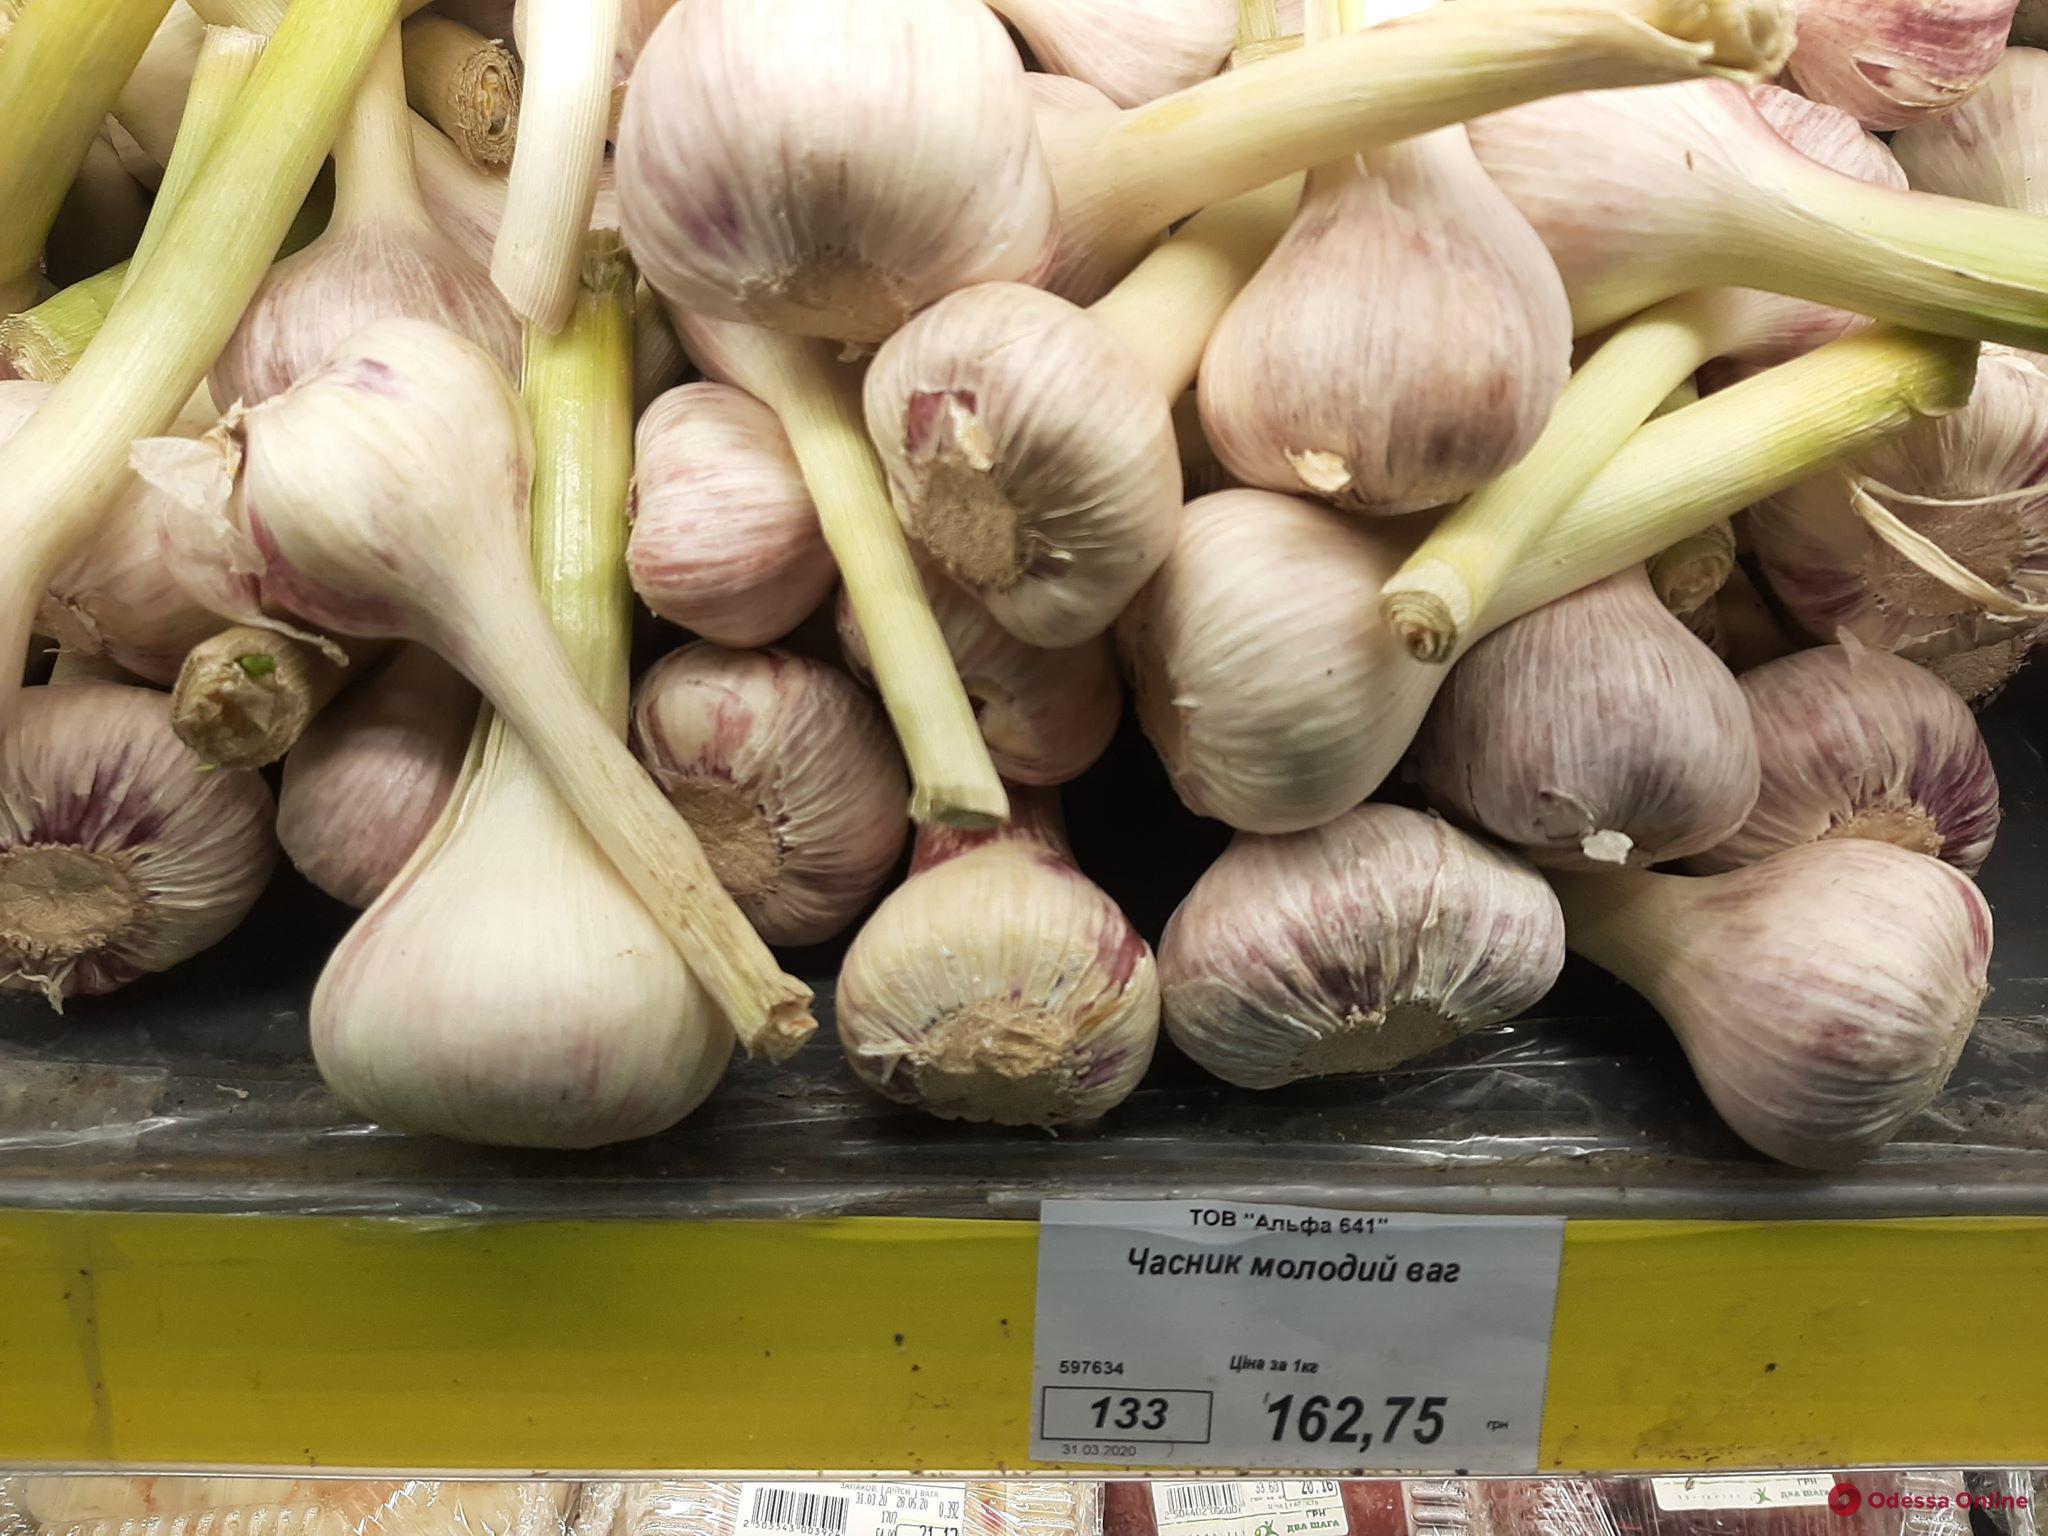 Дефицитный имбирь и «золотые» лимоны: как в Одессе за неделю изменились цены на популярные продукты питания